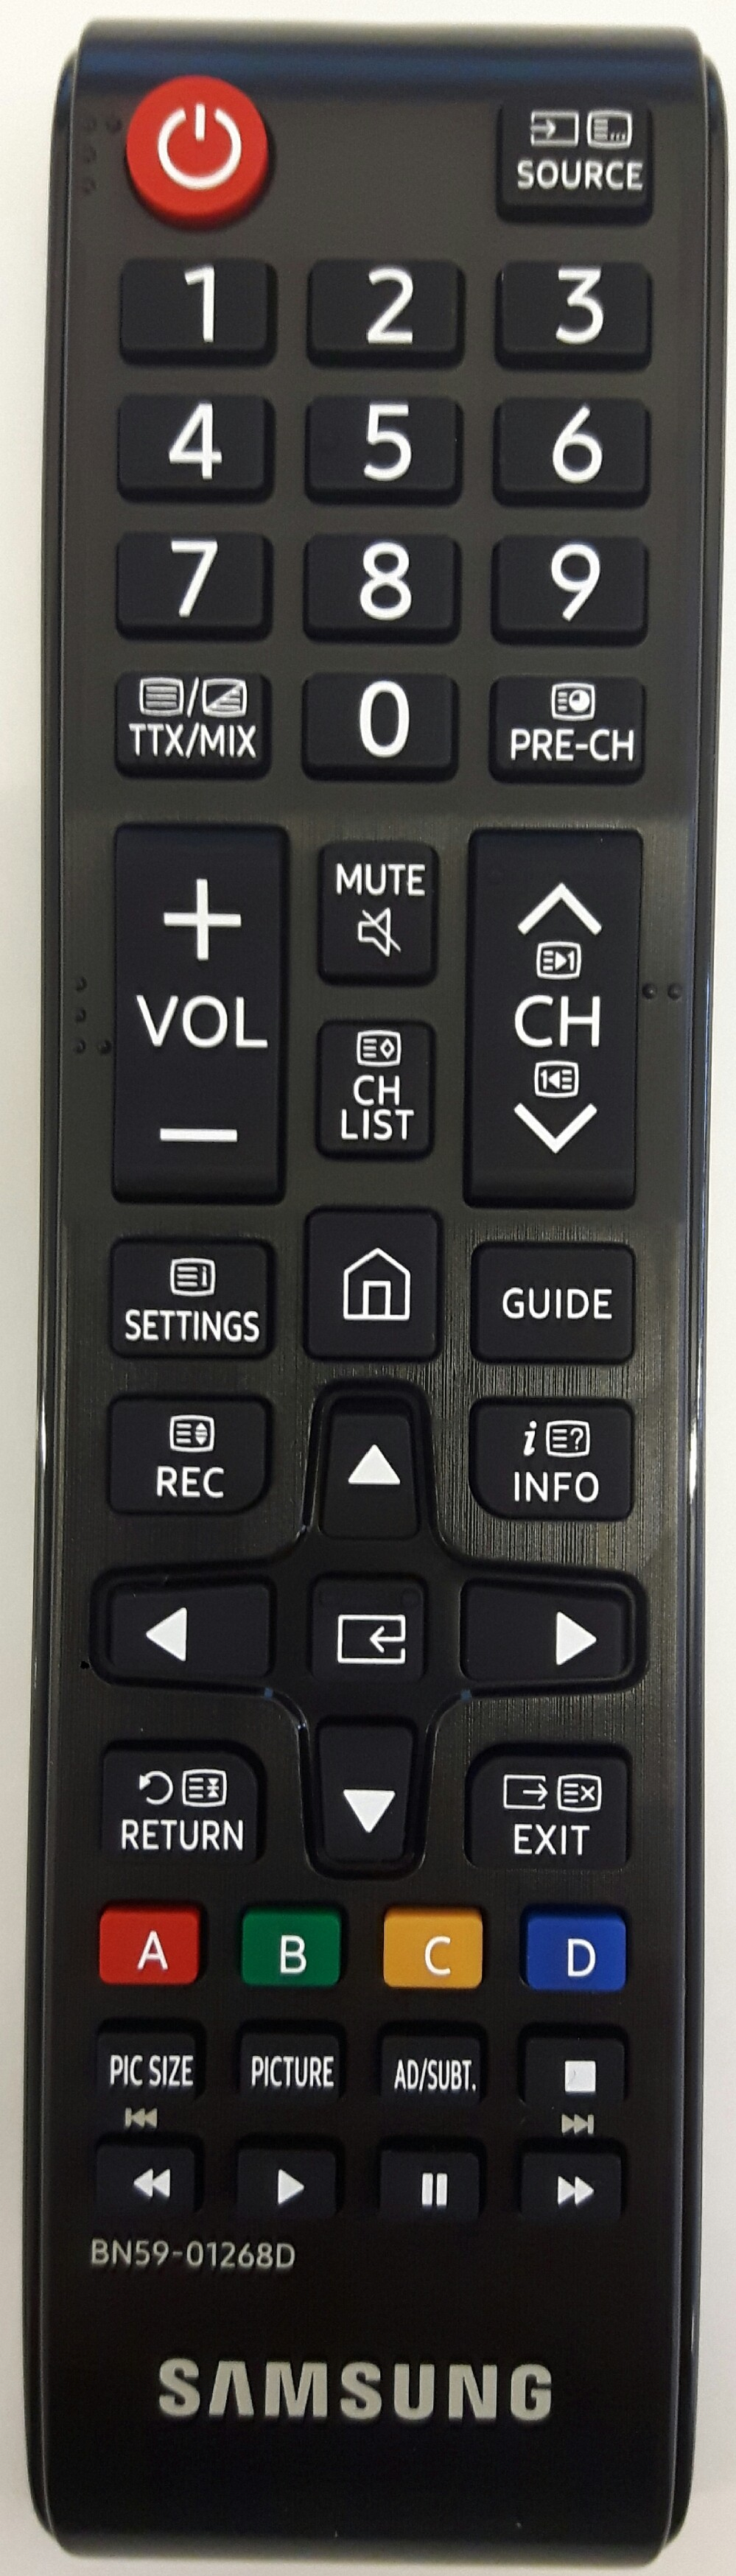 SAMSUNG BN59-01268D Remote Control Original